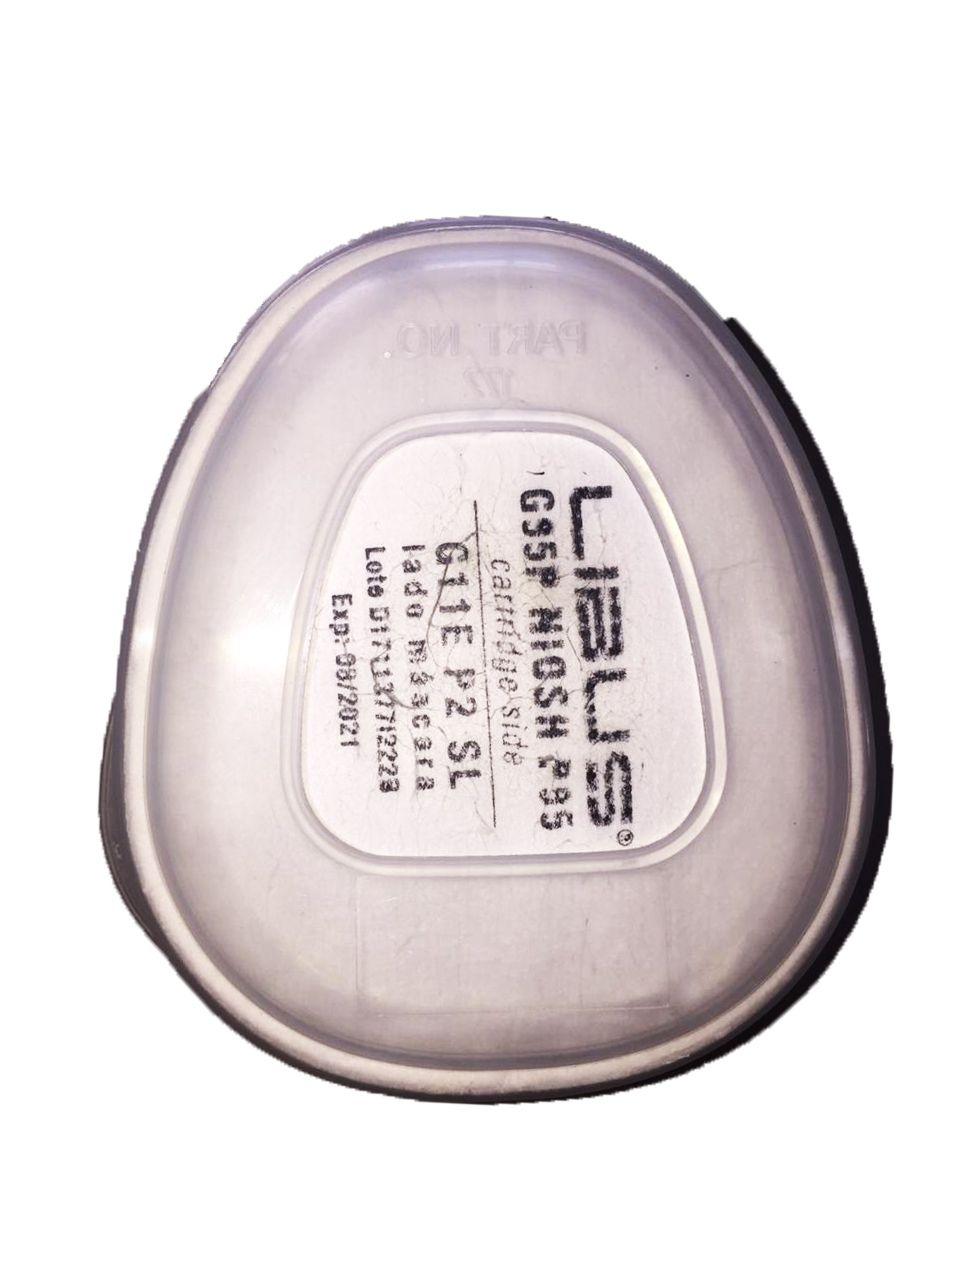 Retentor G11E Pré Filtro de Particula p/ cartucho da máscara reutilizável Linha 9000.  CA 37706 - Libus